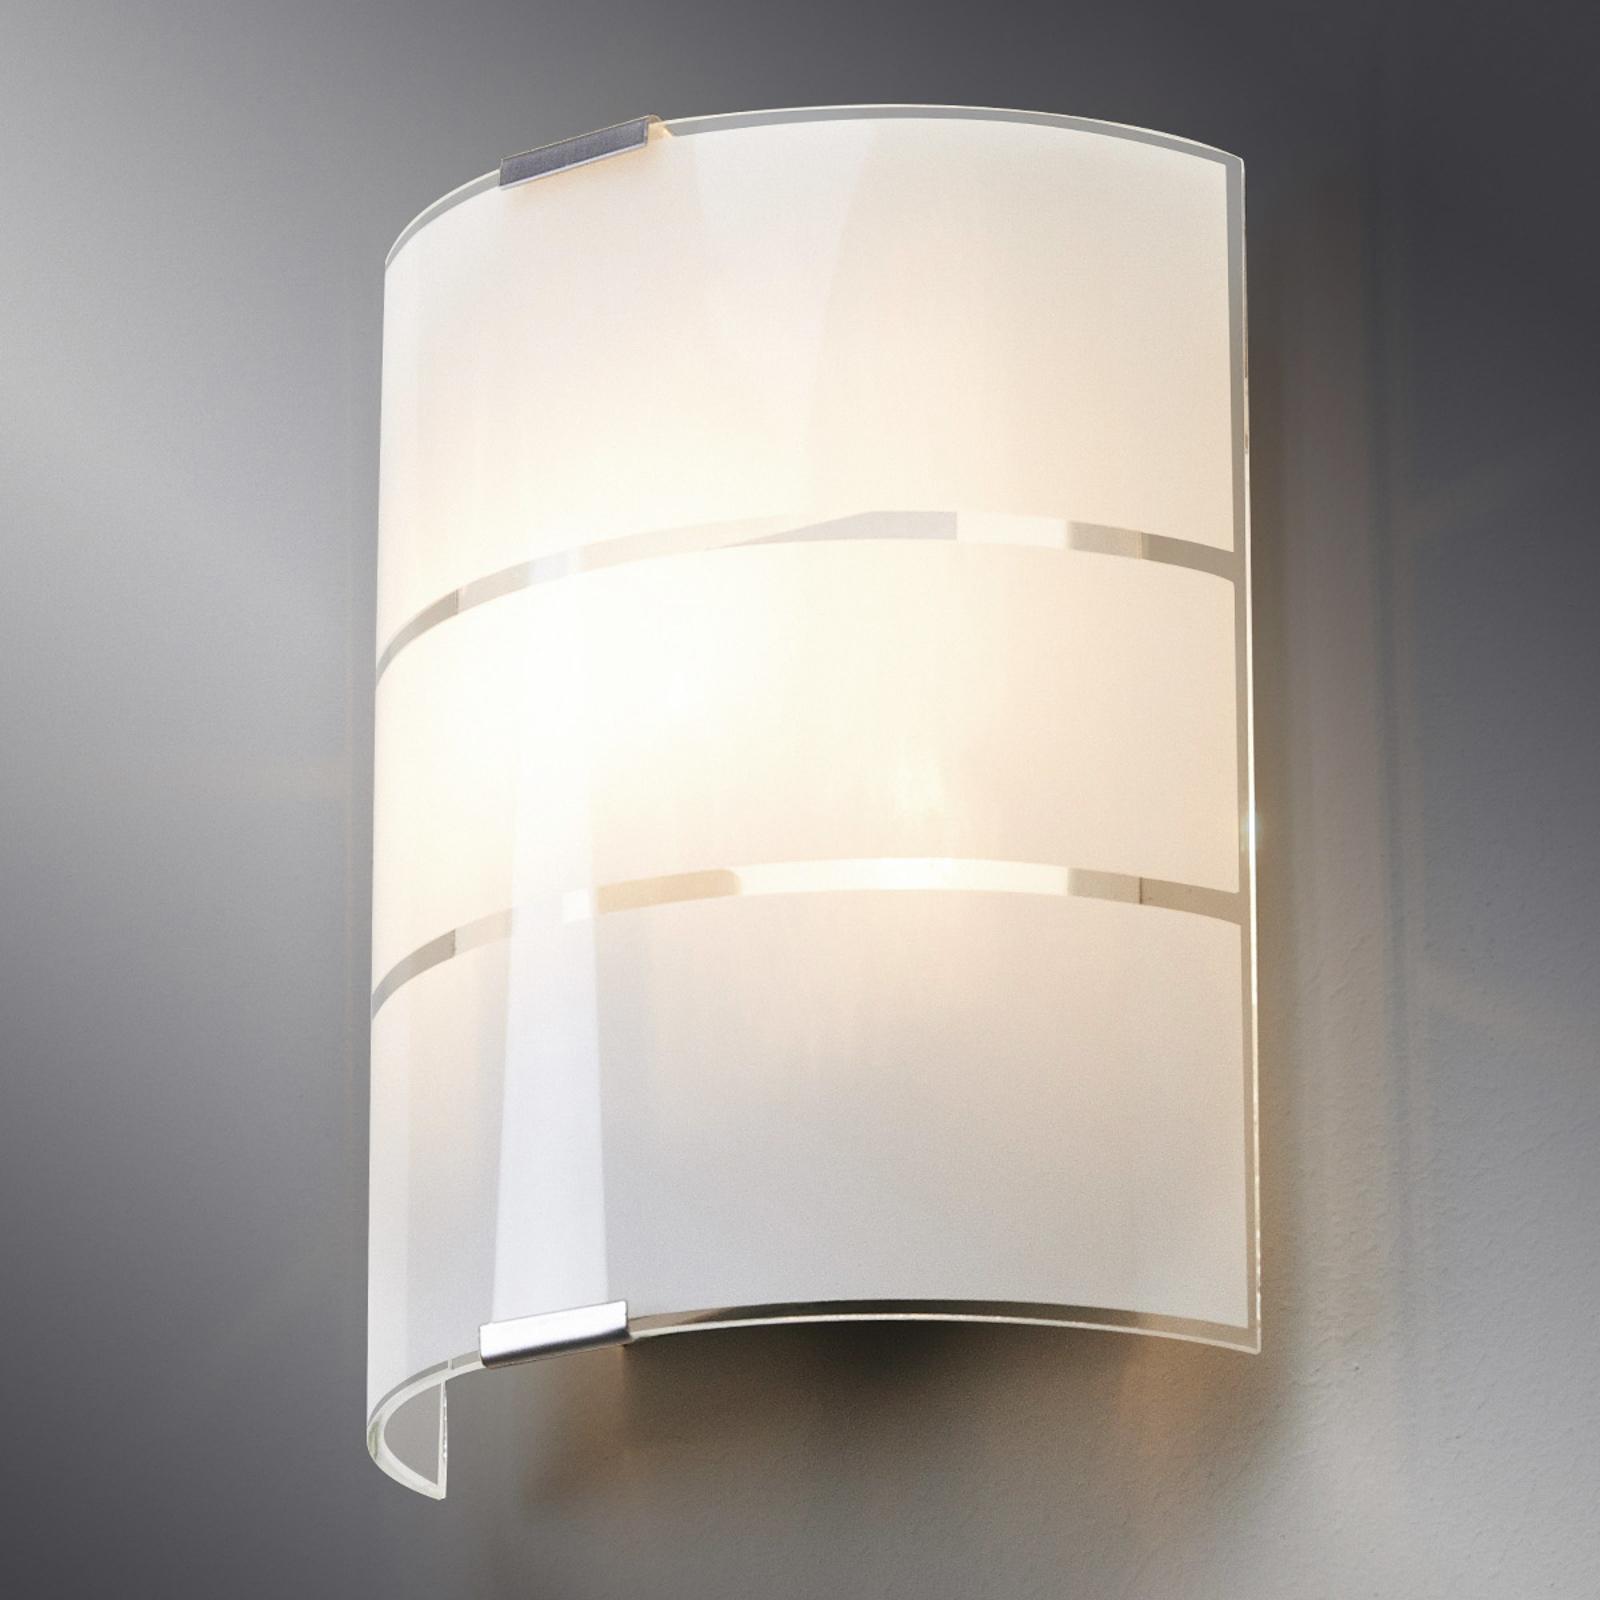 Glas-wandlamp Vincenzo